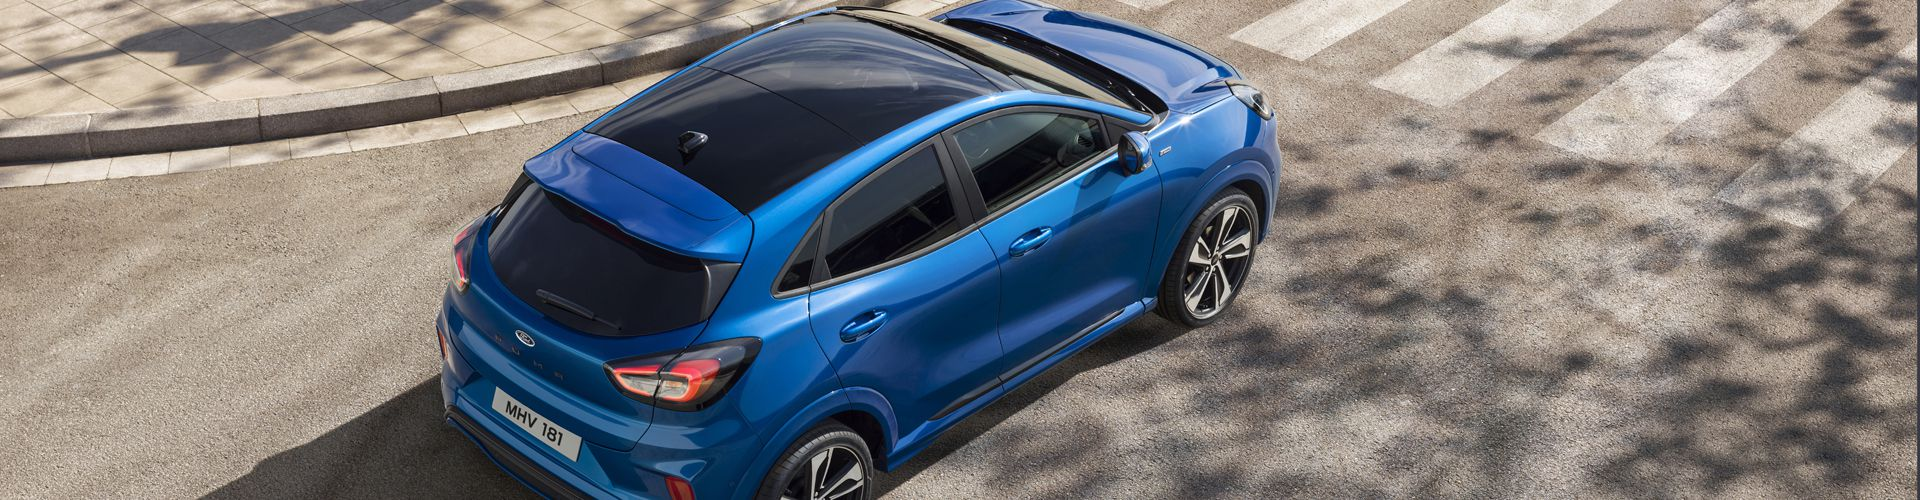 Ford Puma - A. Αντιπροσωπεία Λιάπη